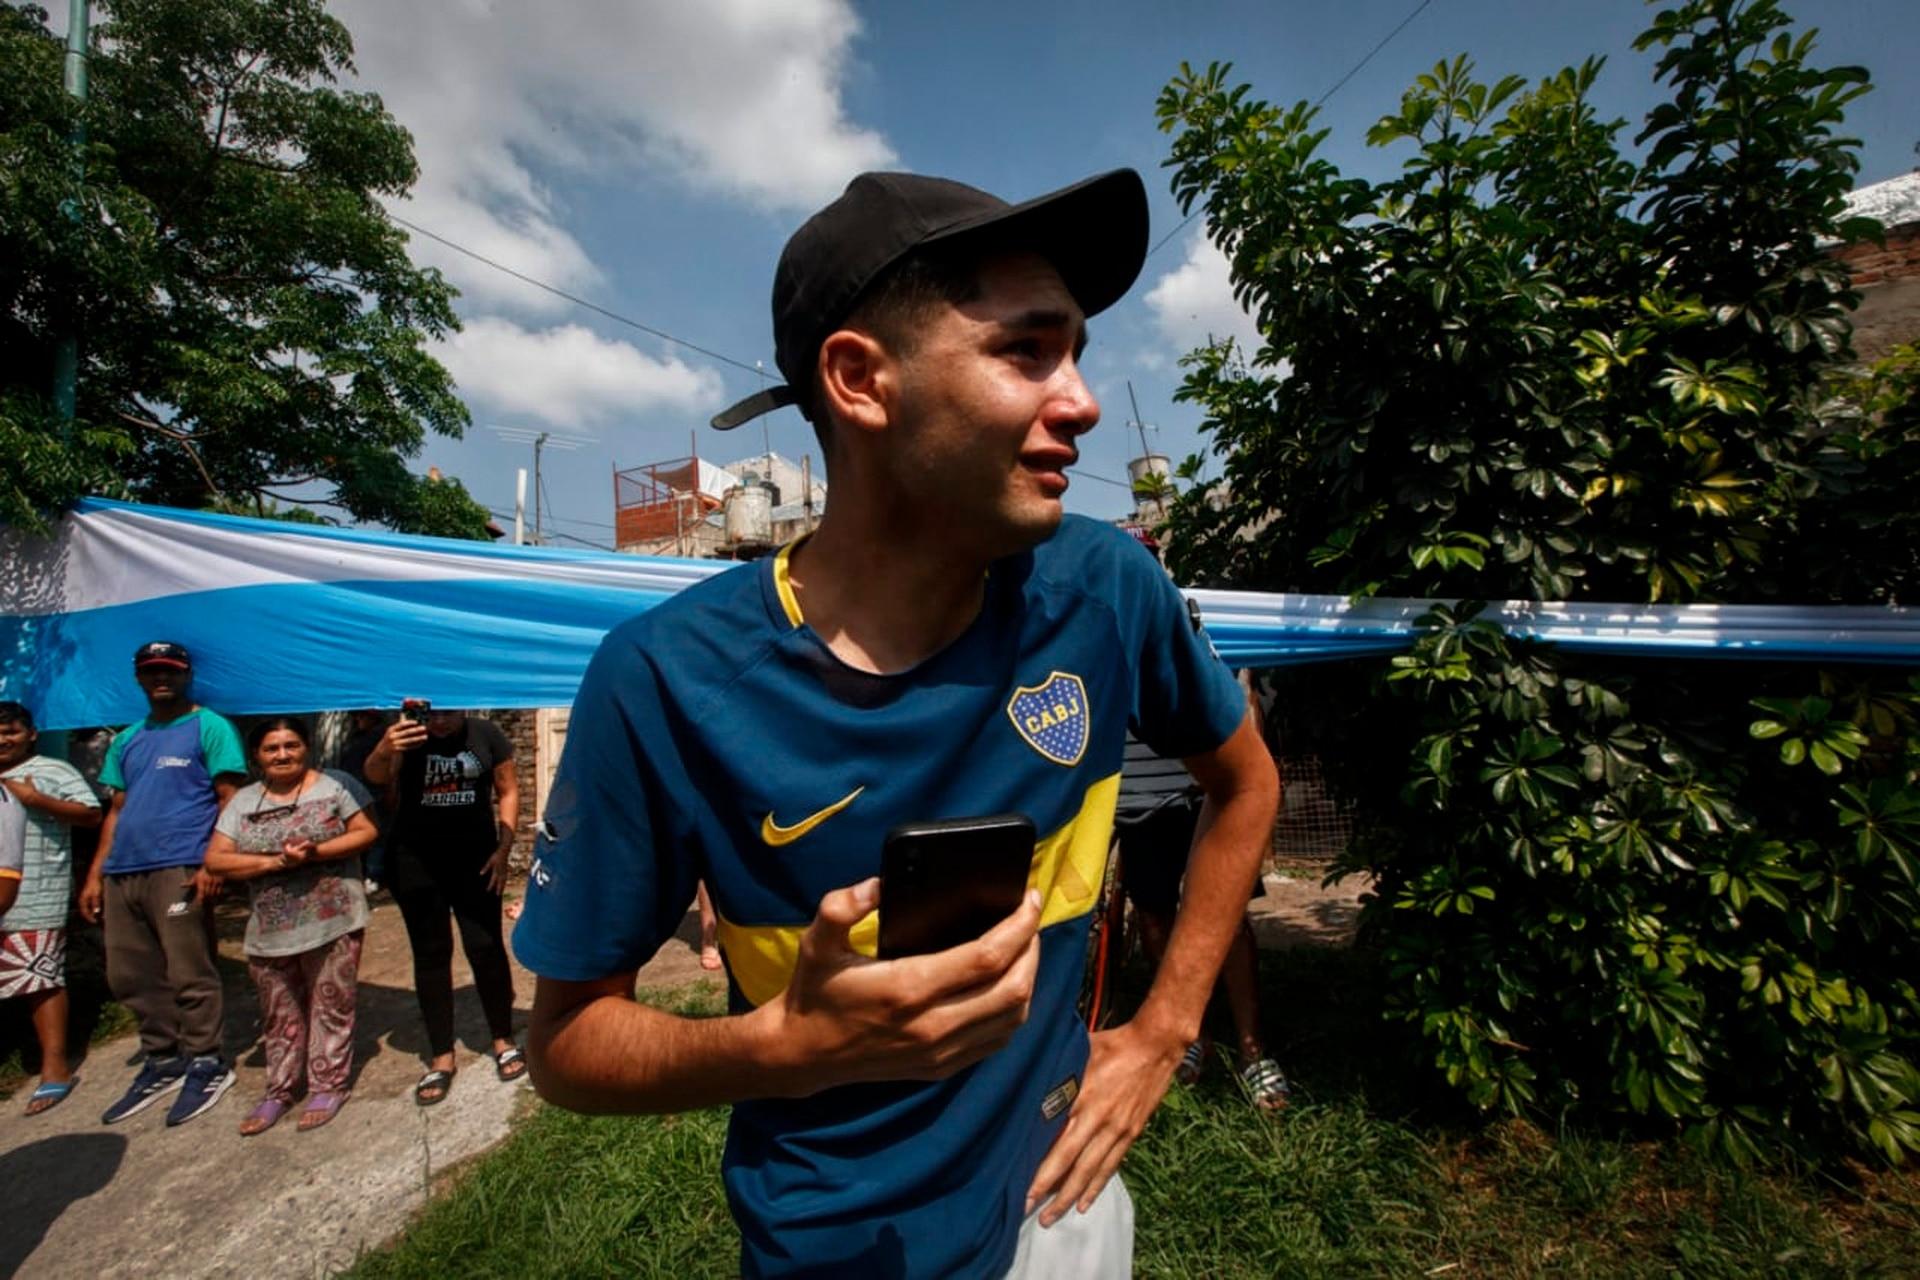 Profundo dolor de los vecinos en Villa Fiorito, casa natal de Diego Maradona, en el día de su fallecimiento.